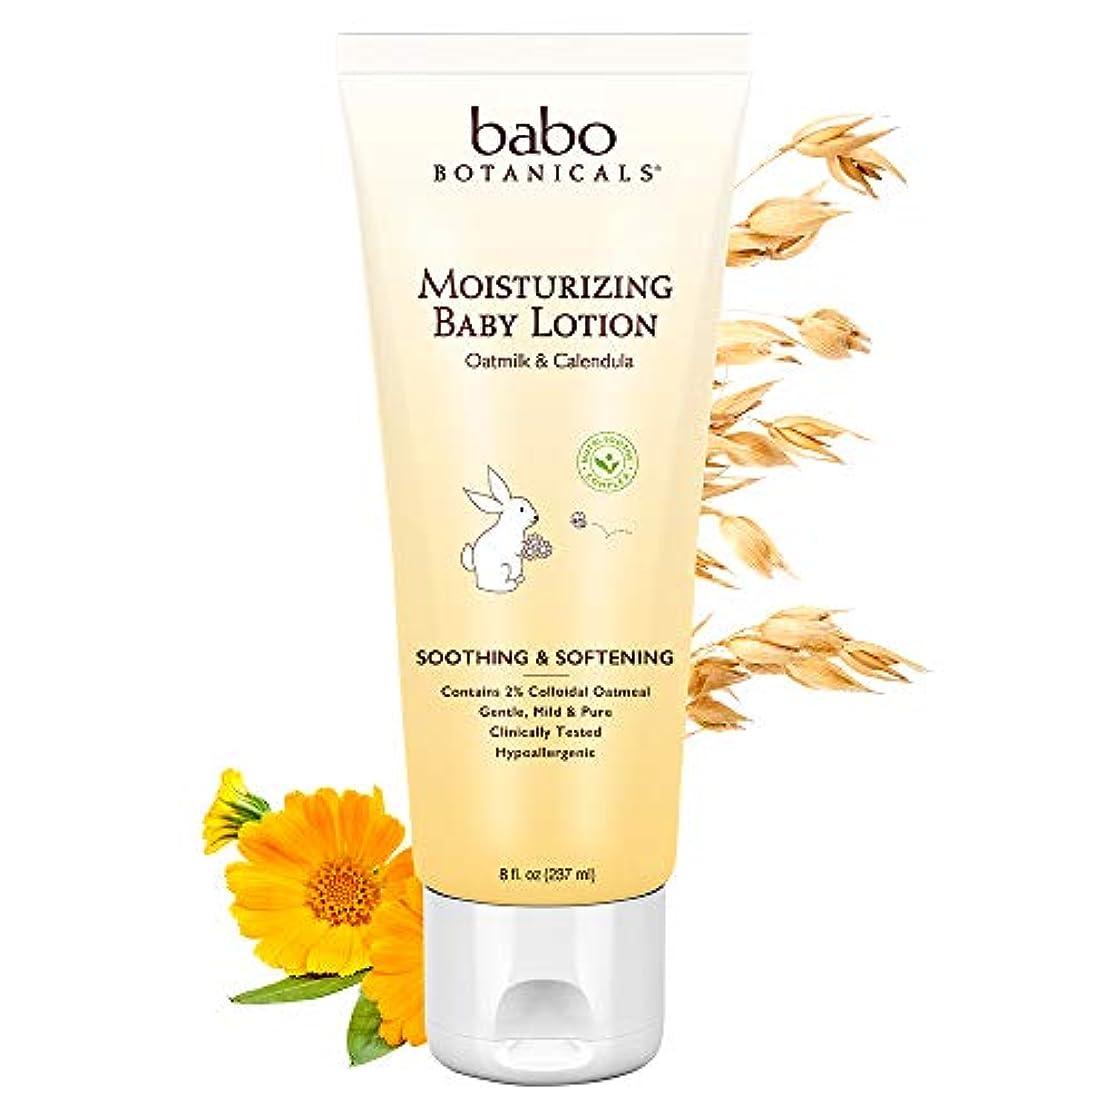 エンドテーブル小数放散するBabo Botanicals Oatmilkカレンデュラ保湿ベビーローション、 - スージング敏感肌のためのベストのベビーローション。アトピー性皮膚炎を和らげるのに役立ちます。ナチュラルオーツとオーガニックカレンデュラ...